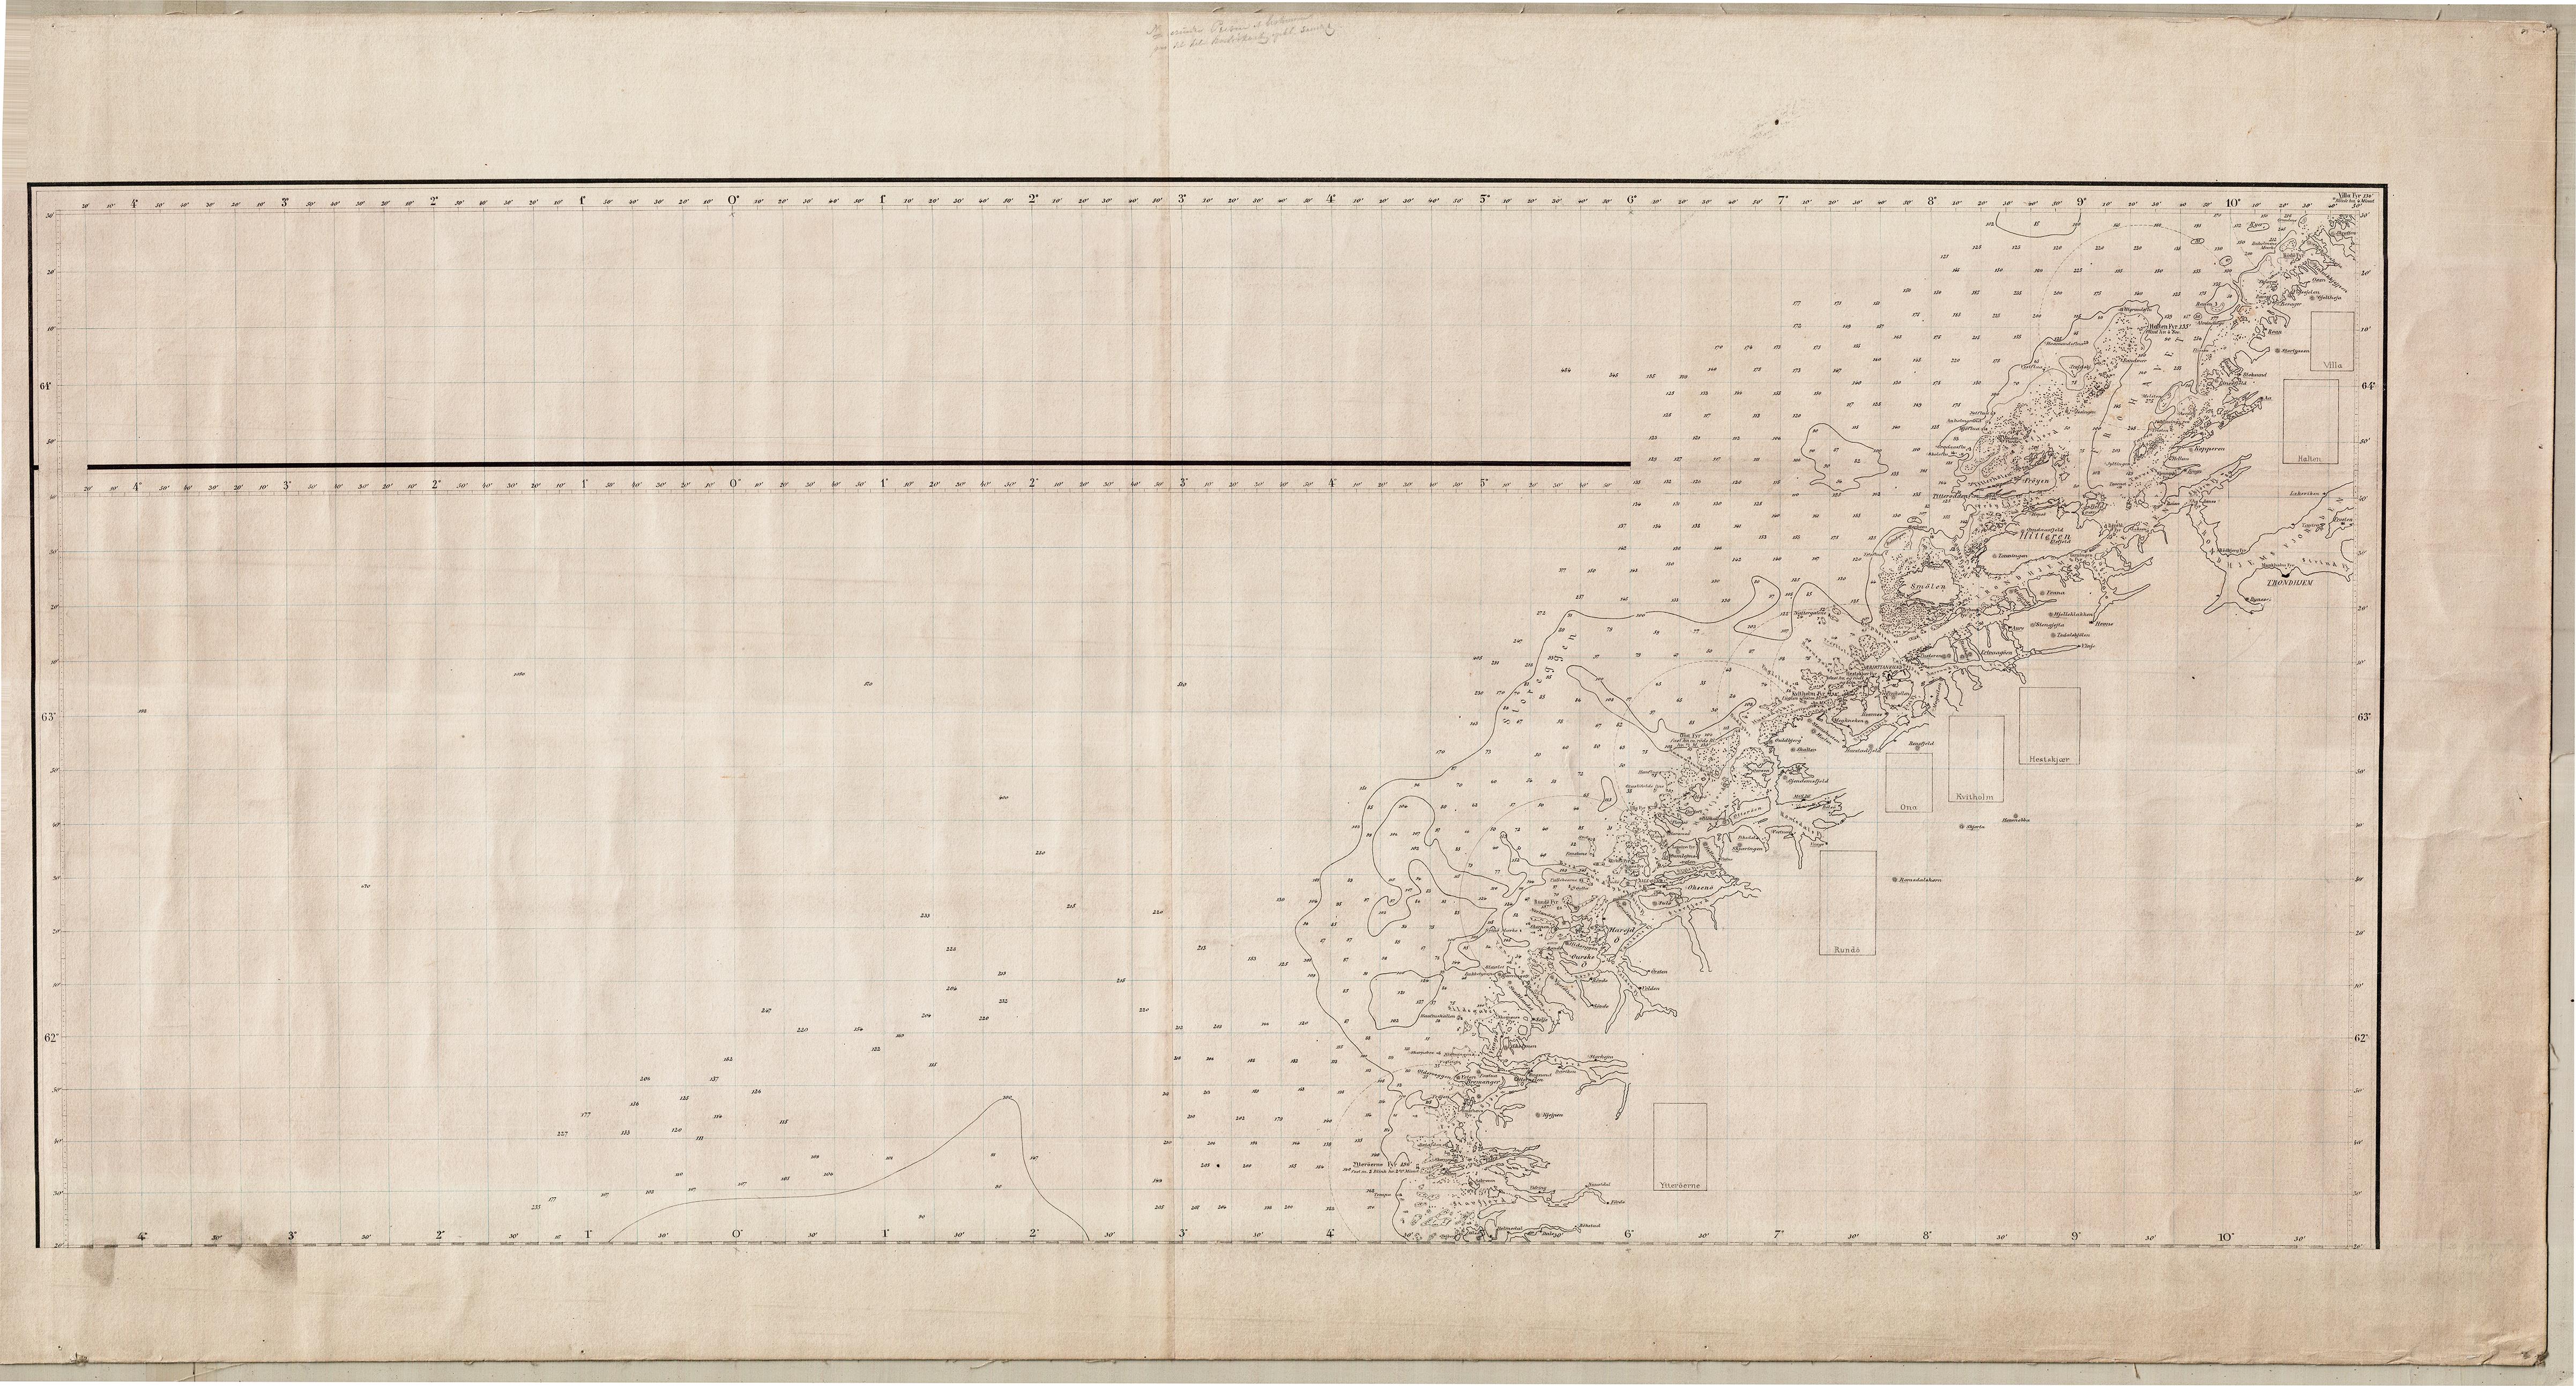 File:Kart over kysten utenfor Trøndelag og Møre og Romsdal.png